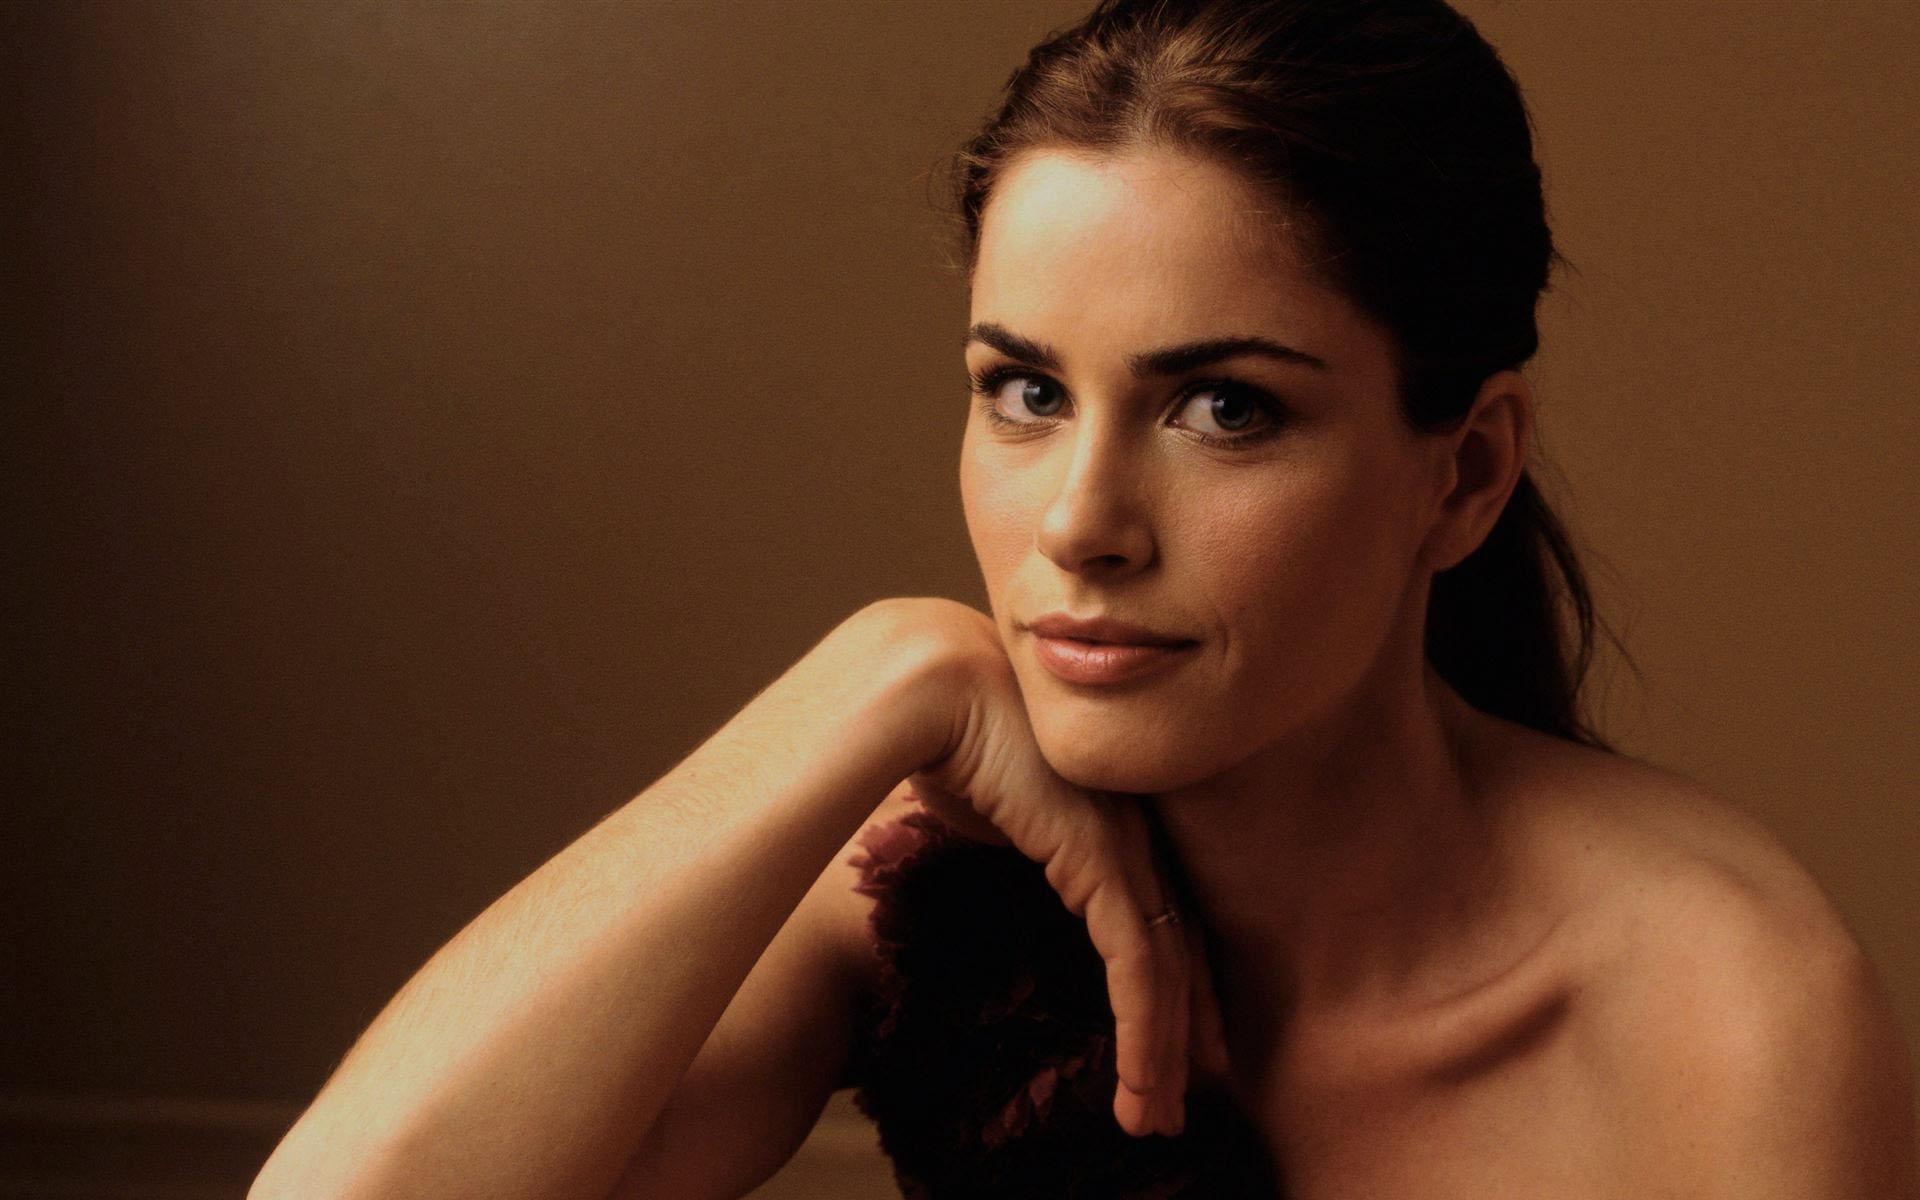 Actress amanda peet cute face stills